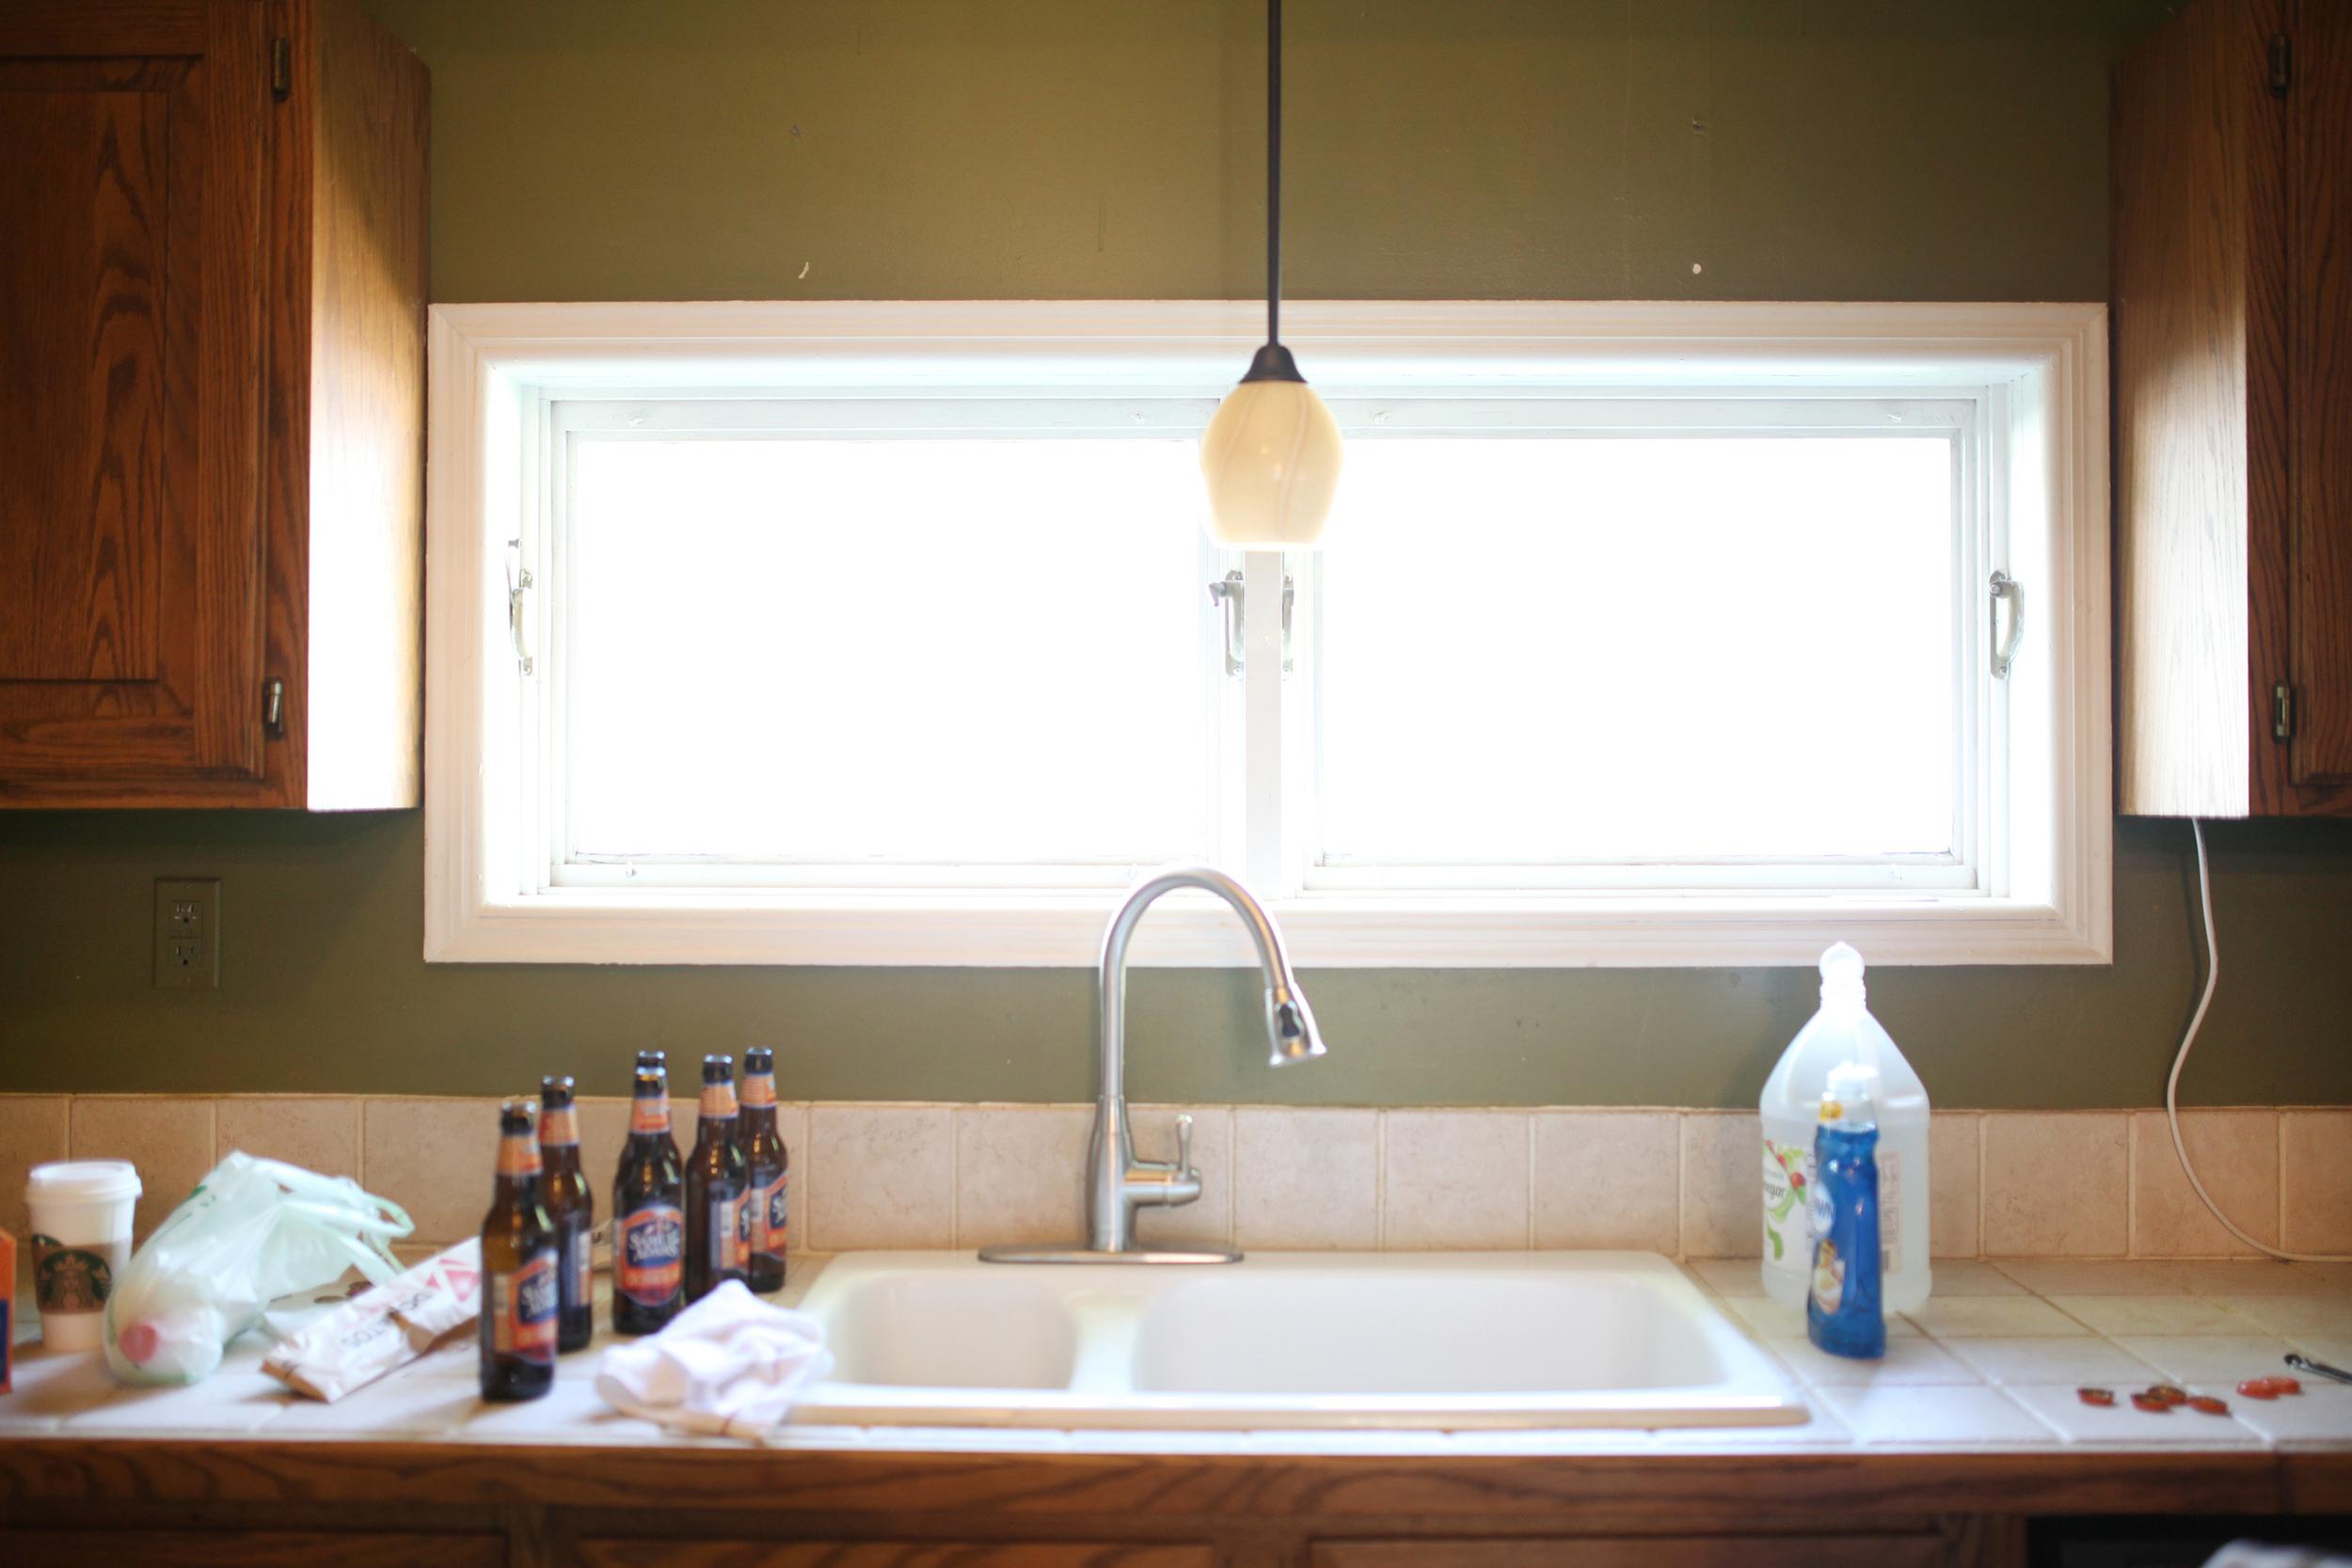 kitchen renovation inspiration — valeriekeinsley